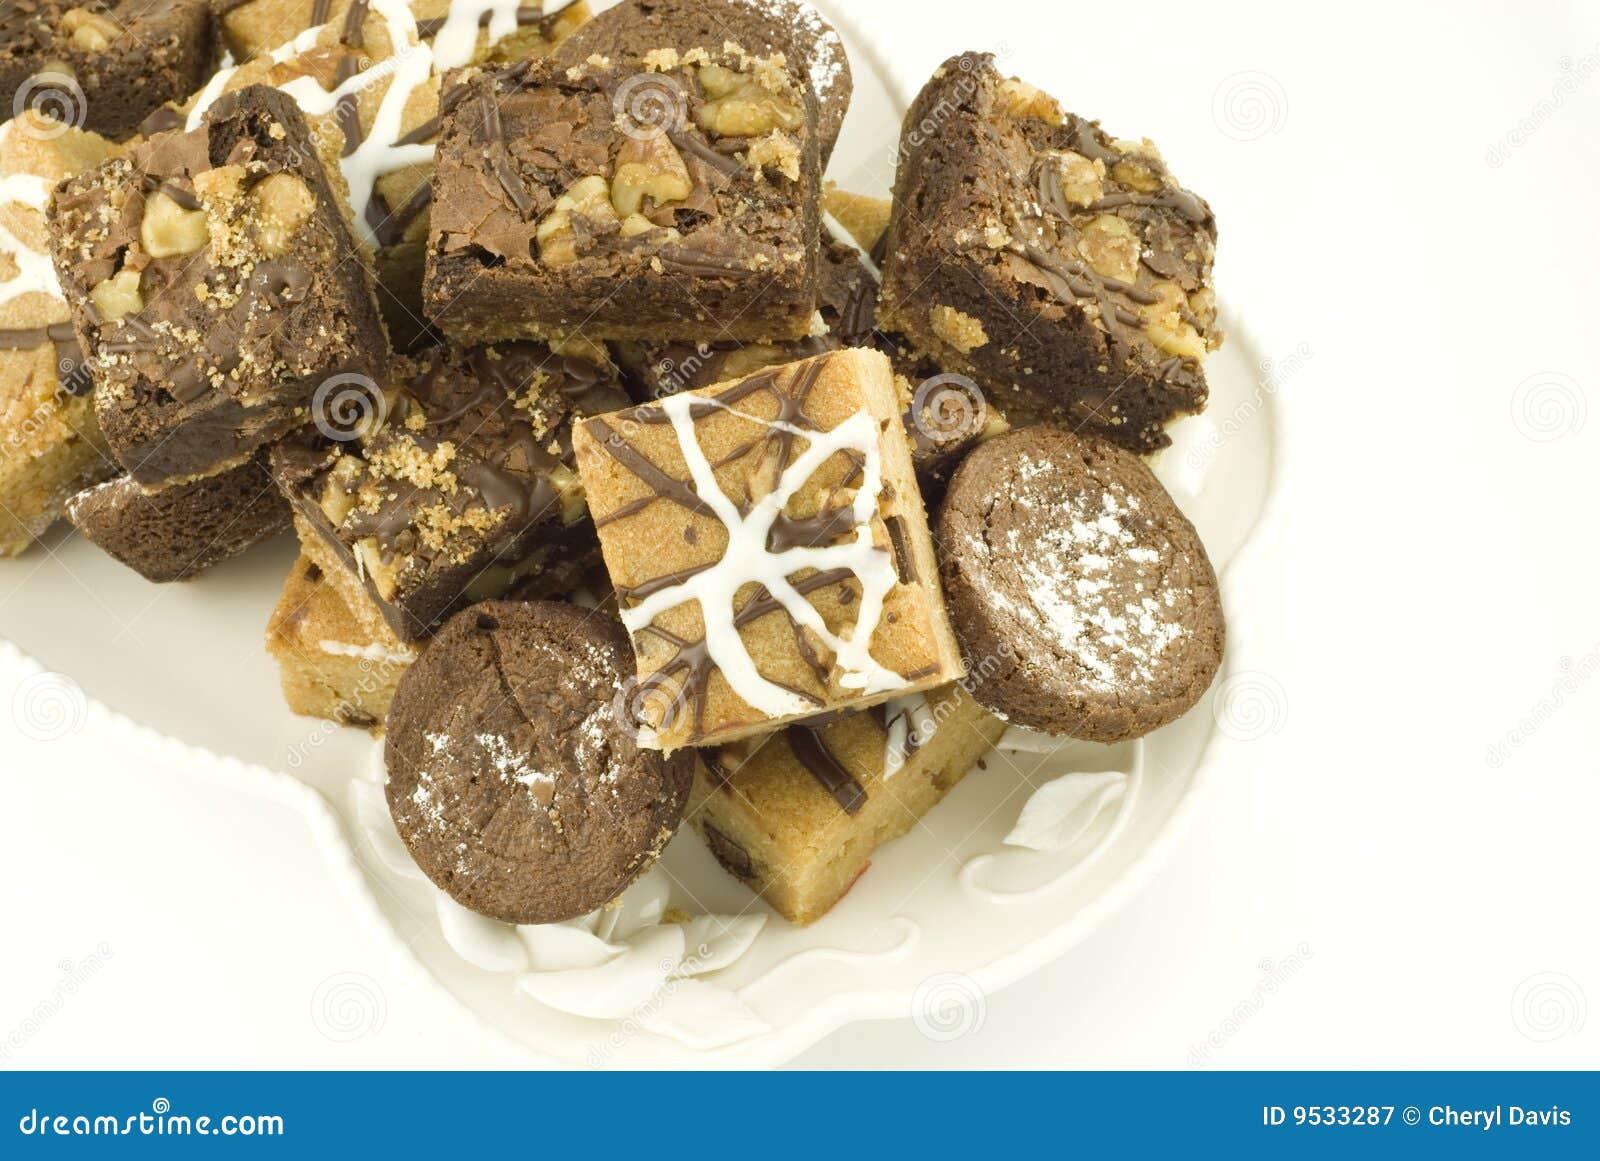 Blandad platta för stångchokladefterrätt